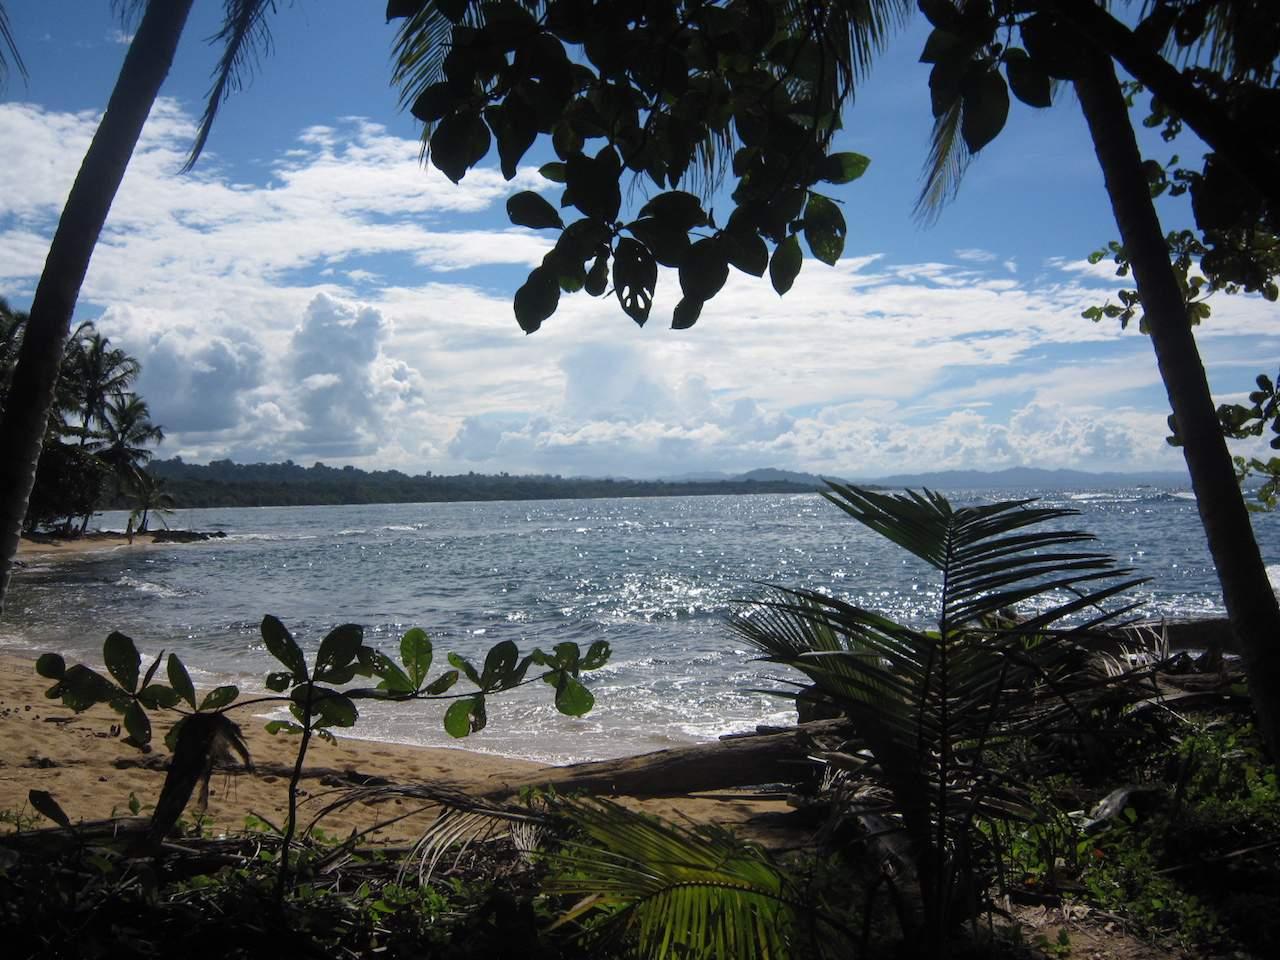 Puerto Viejo Beaches in Costa Rica